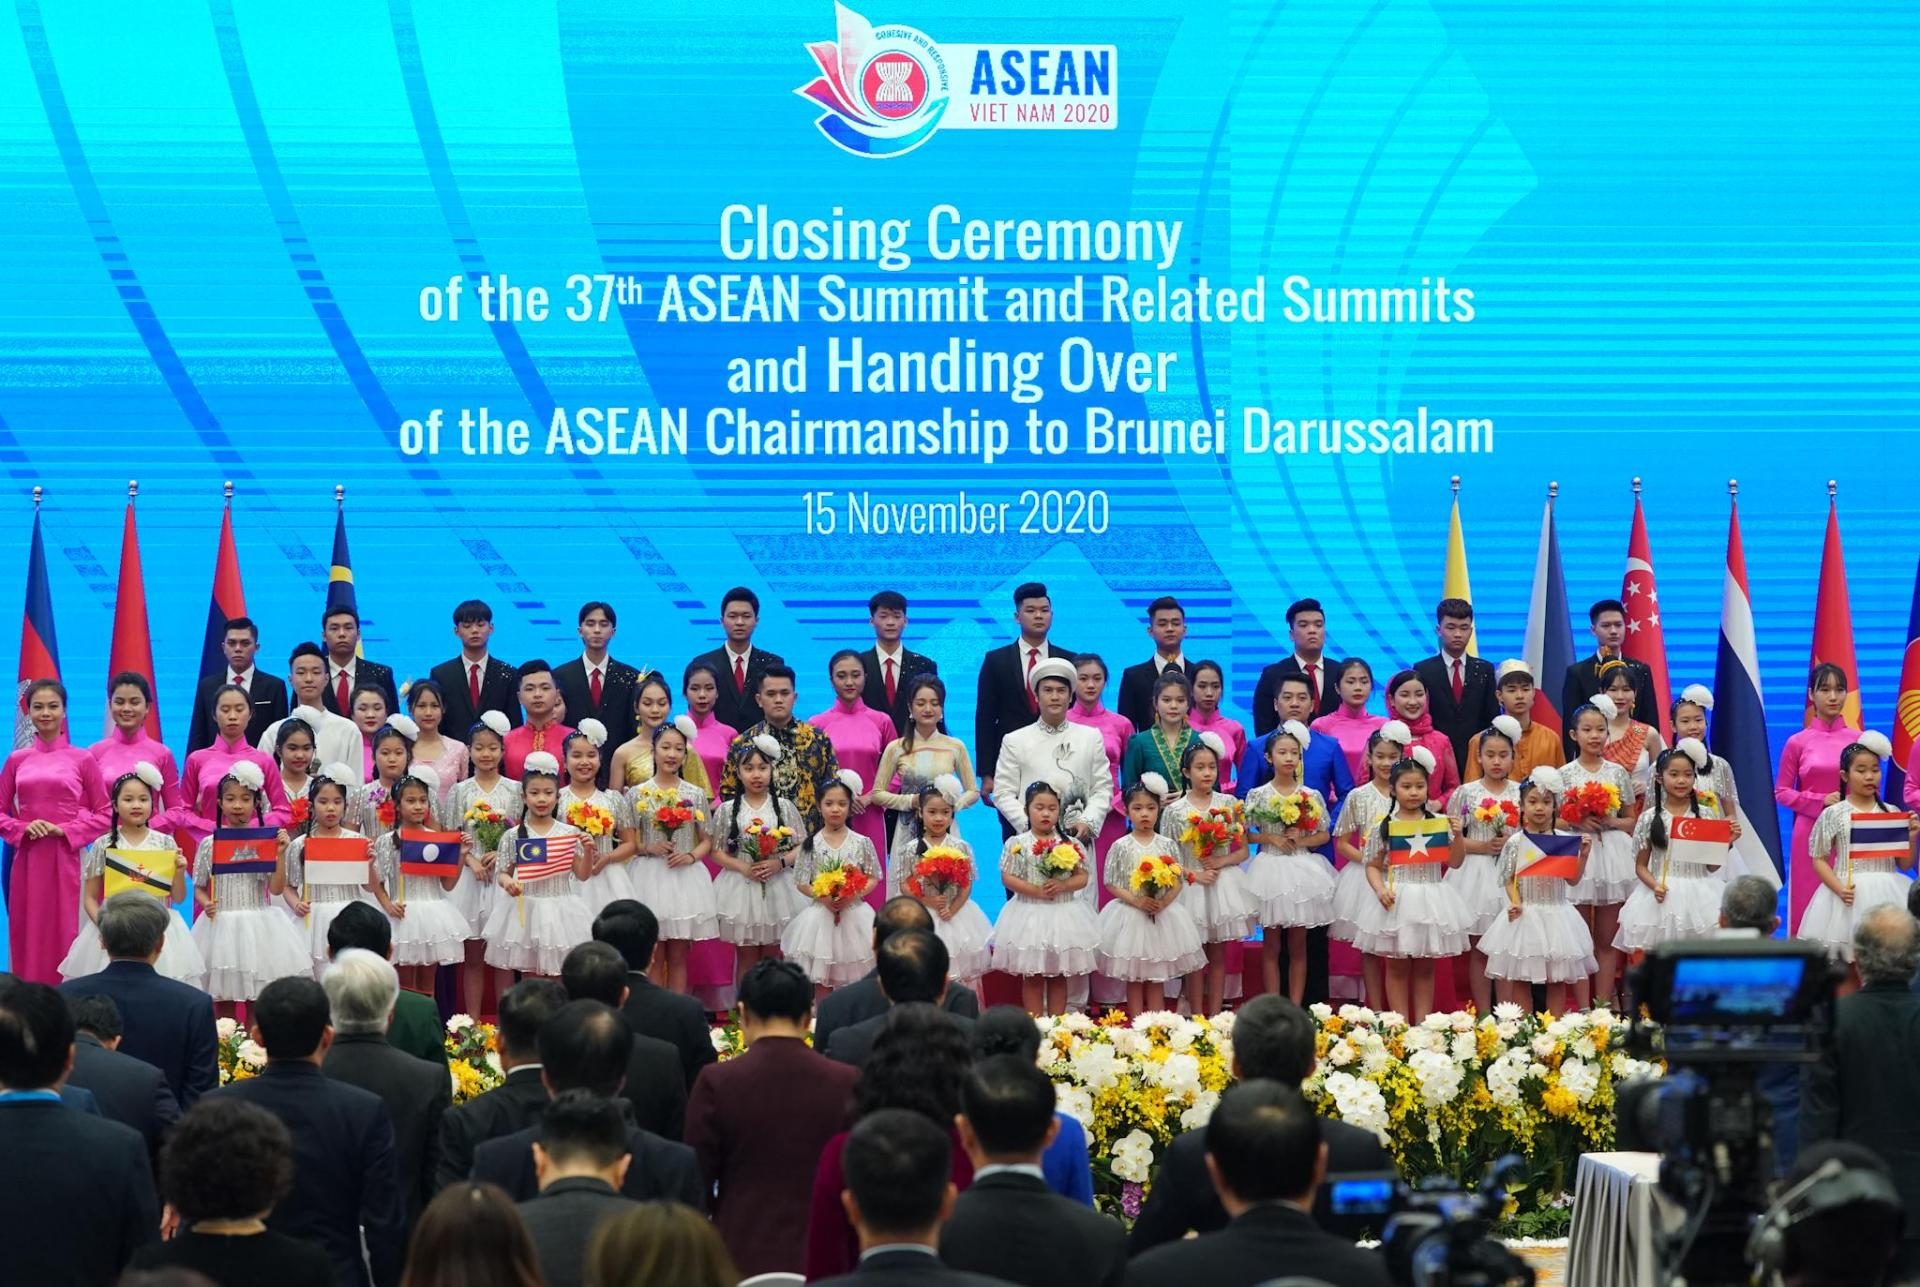 Lễ bế mạc Hội nghị Cấp cao ASEAN 37 và các hội nghị liên quan.